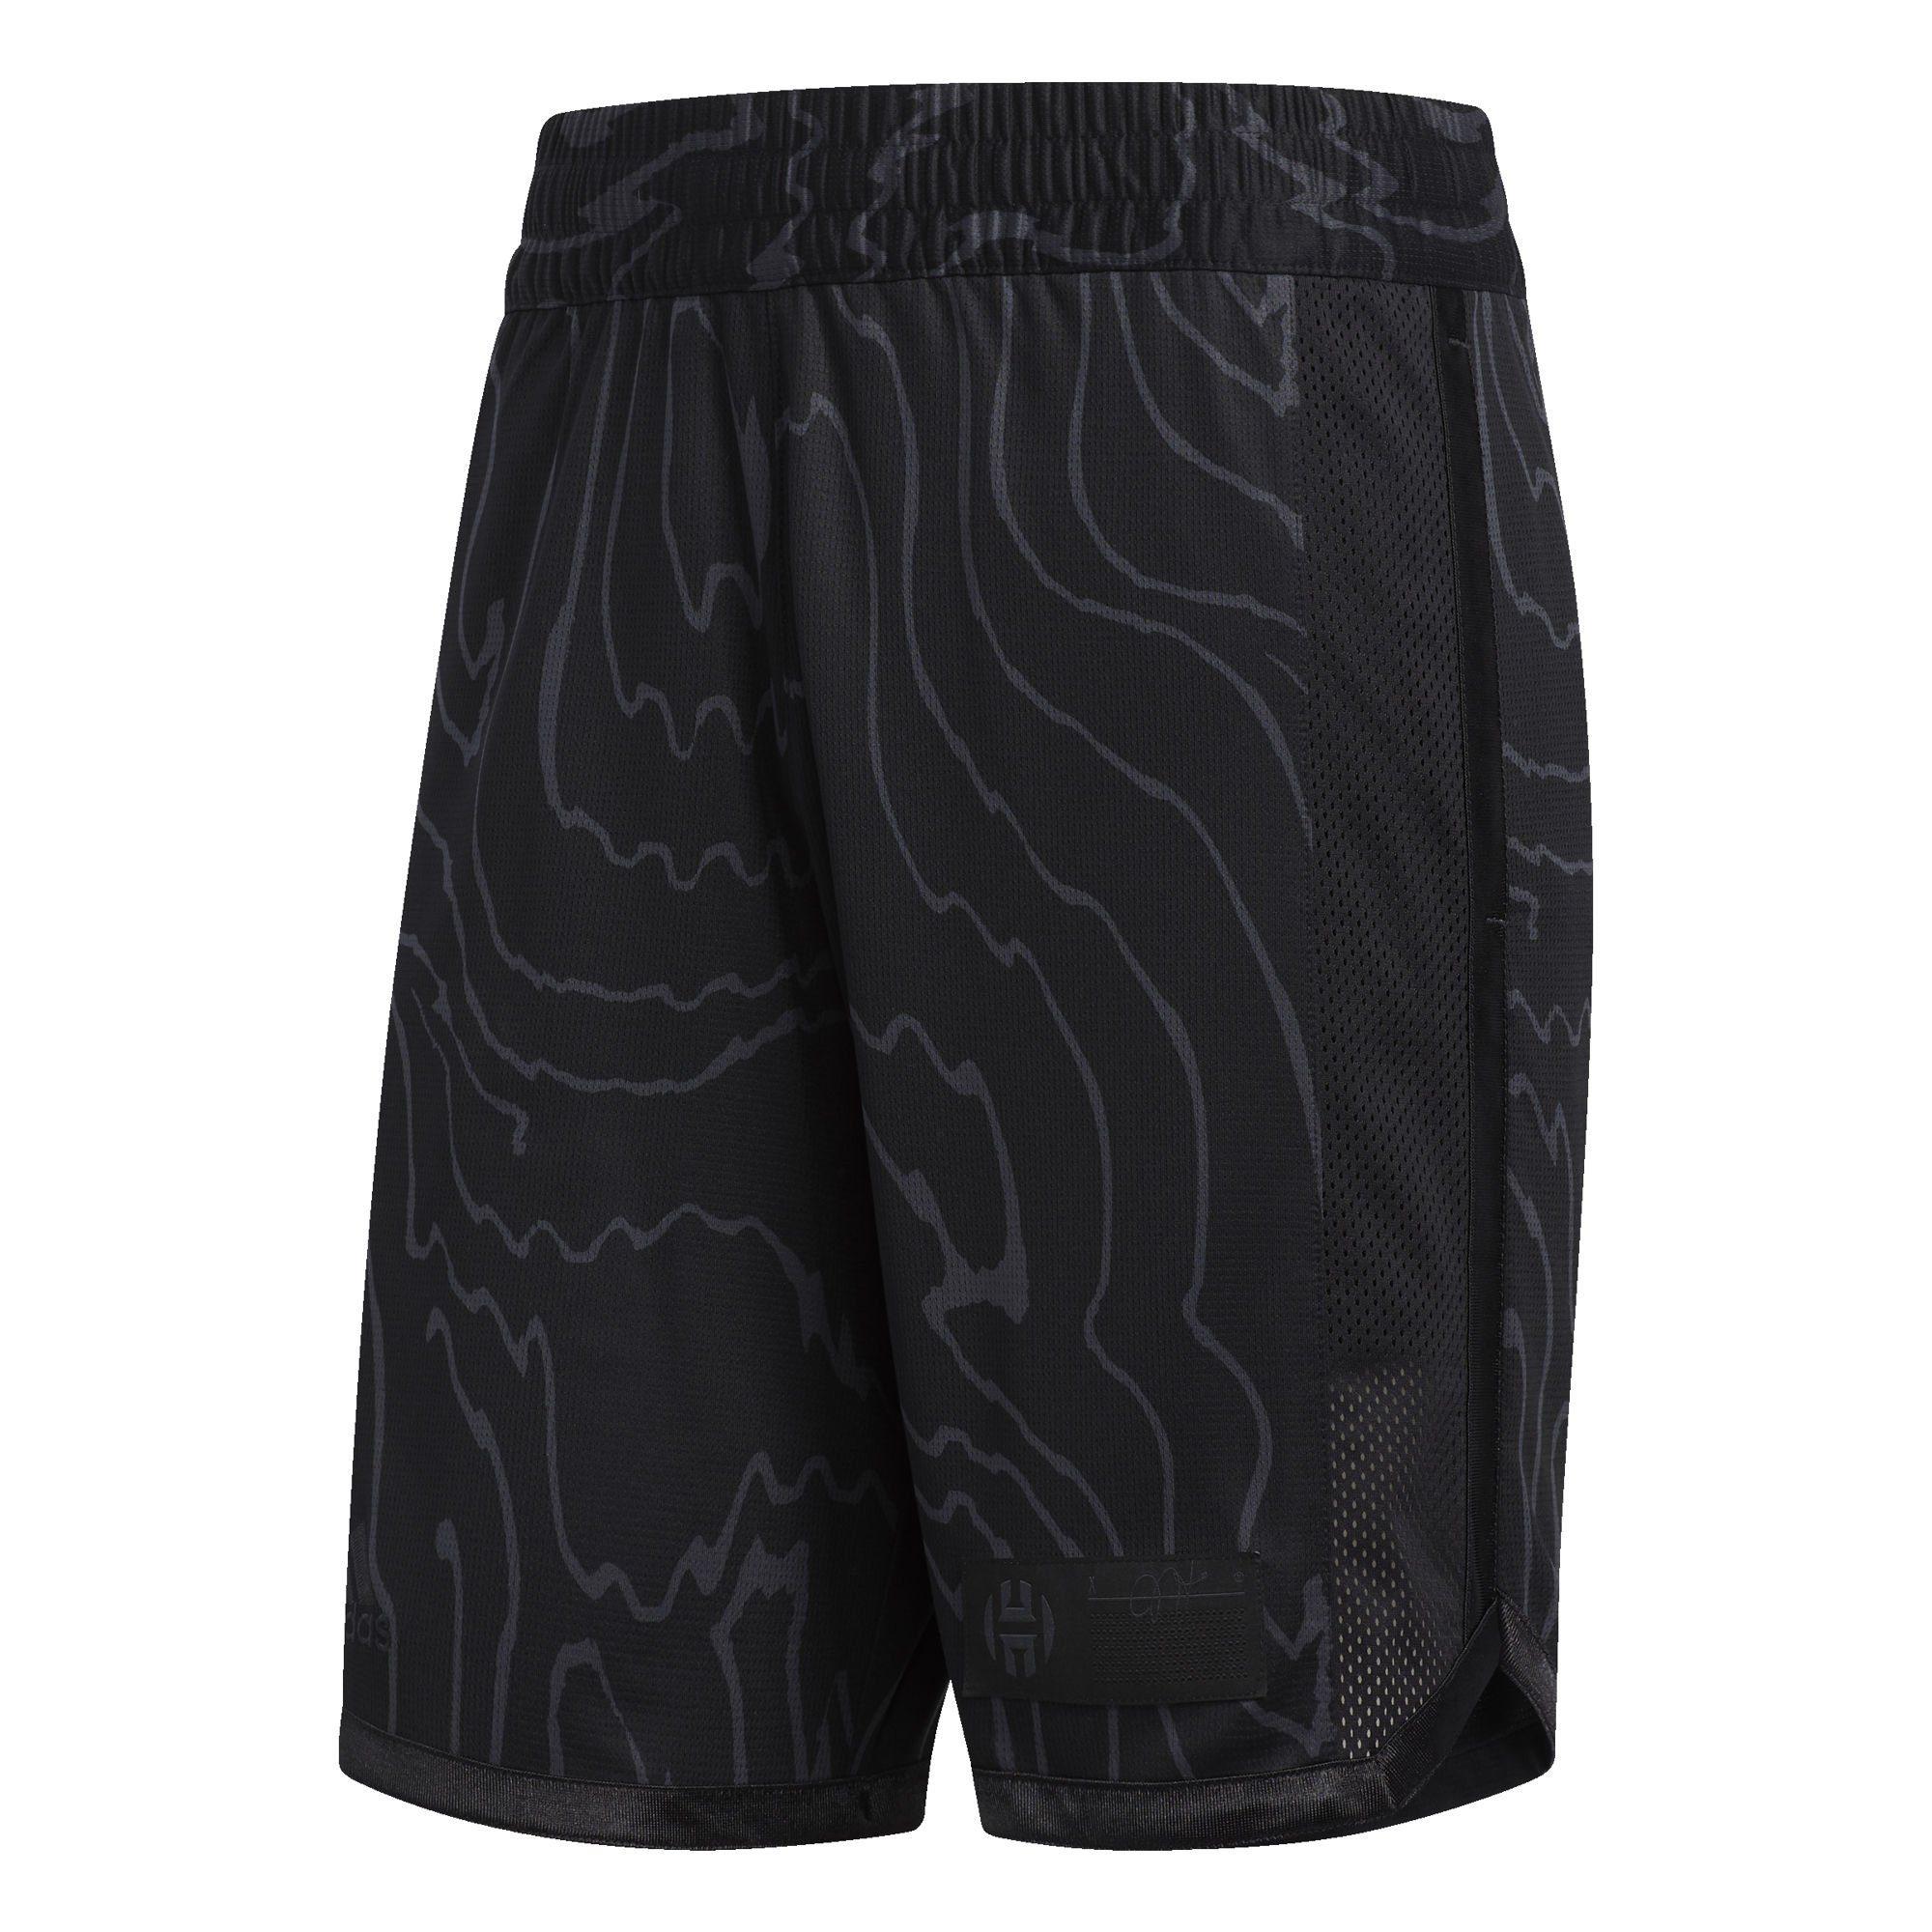 adidas Shorts 2 in 1 atmungsaktiv schnelltrocknend für Damen